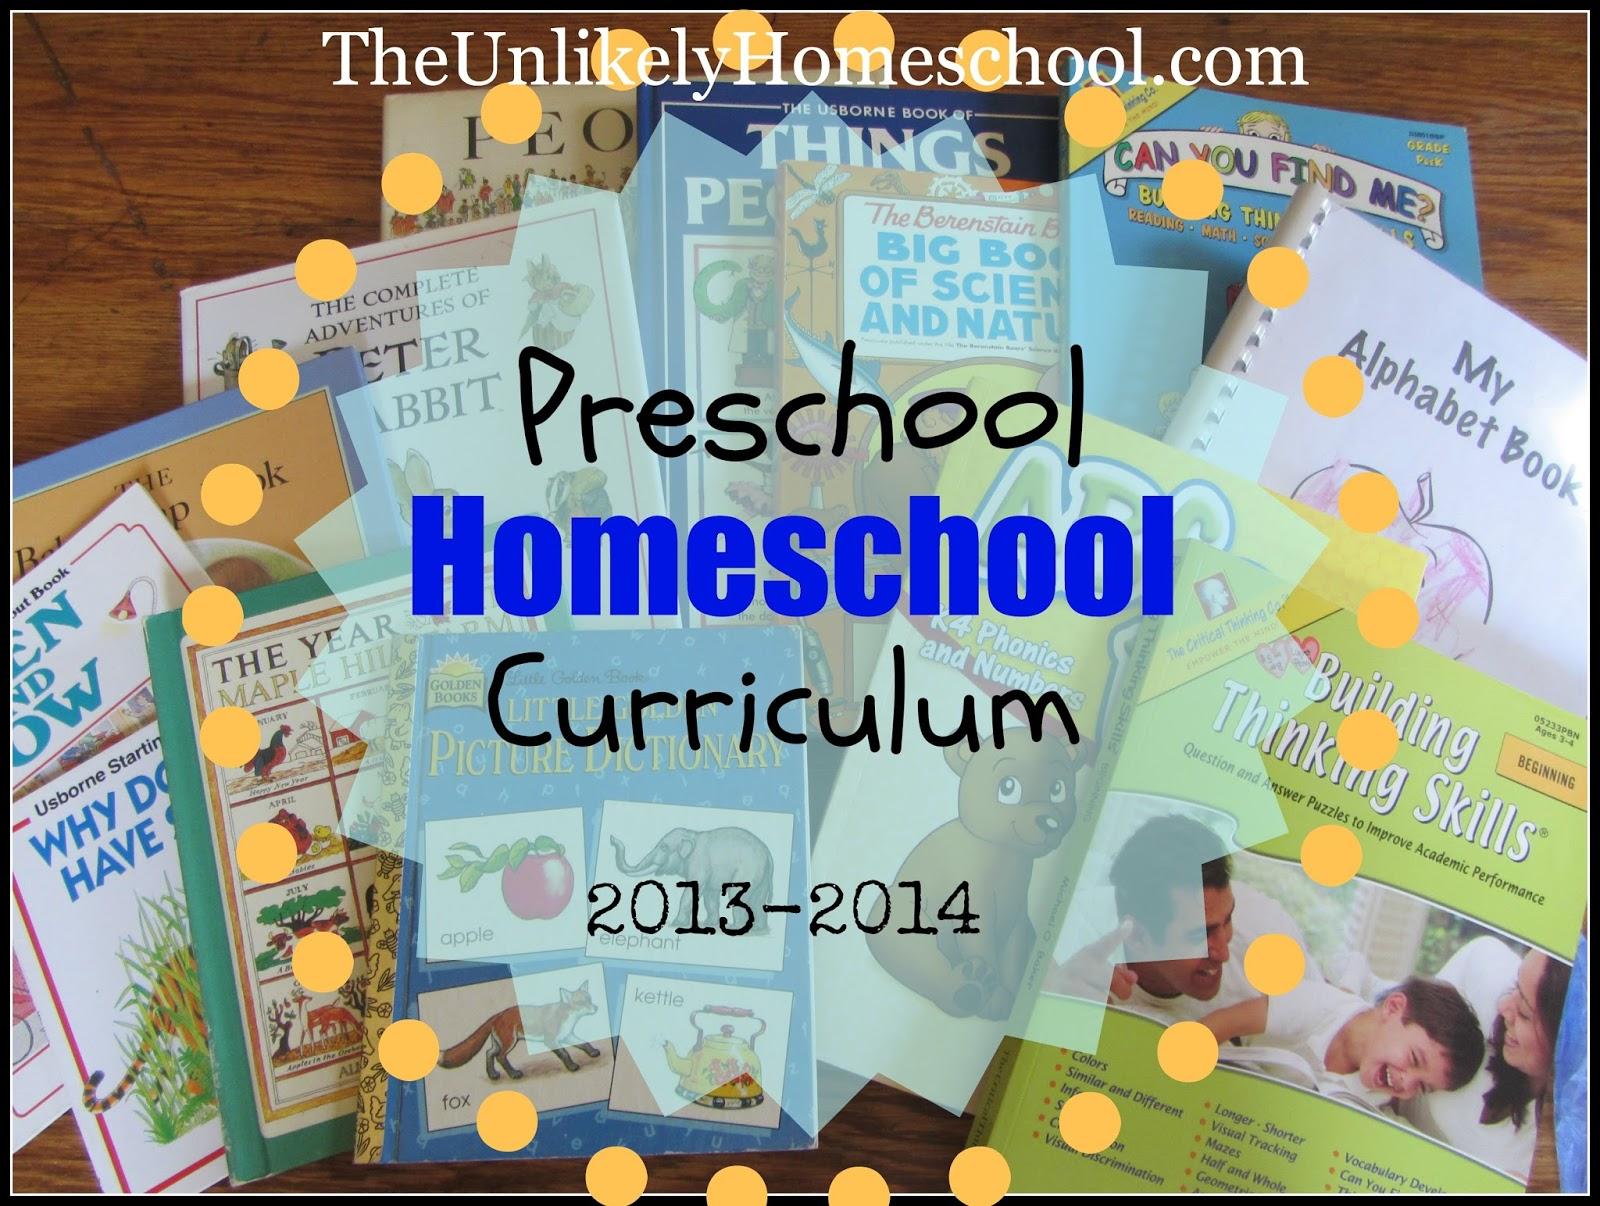 the unlikely homeschool: preschool homeschool curriculum 2013-2014